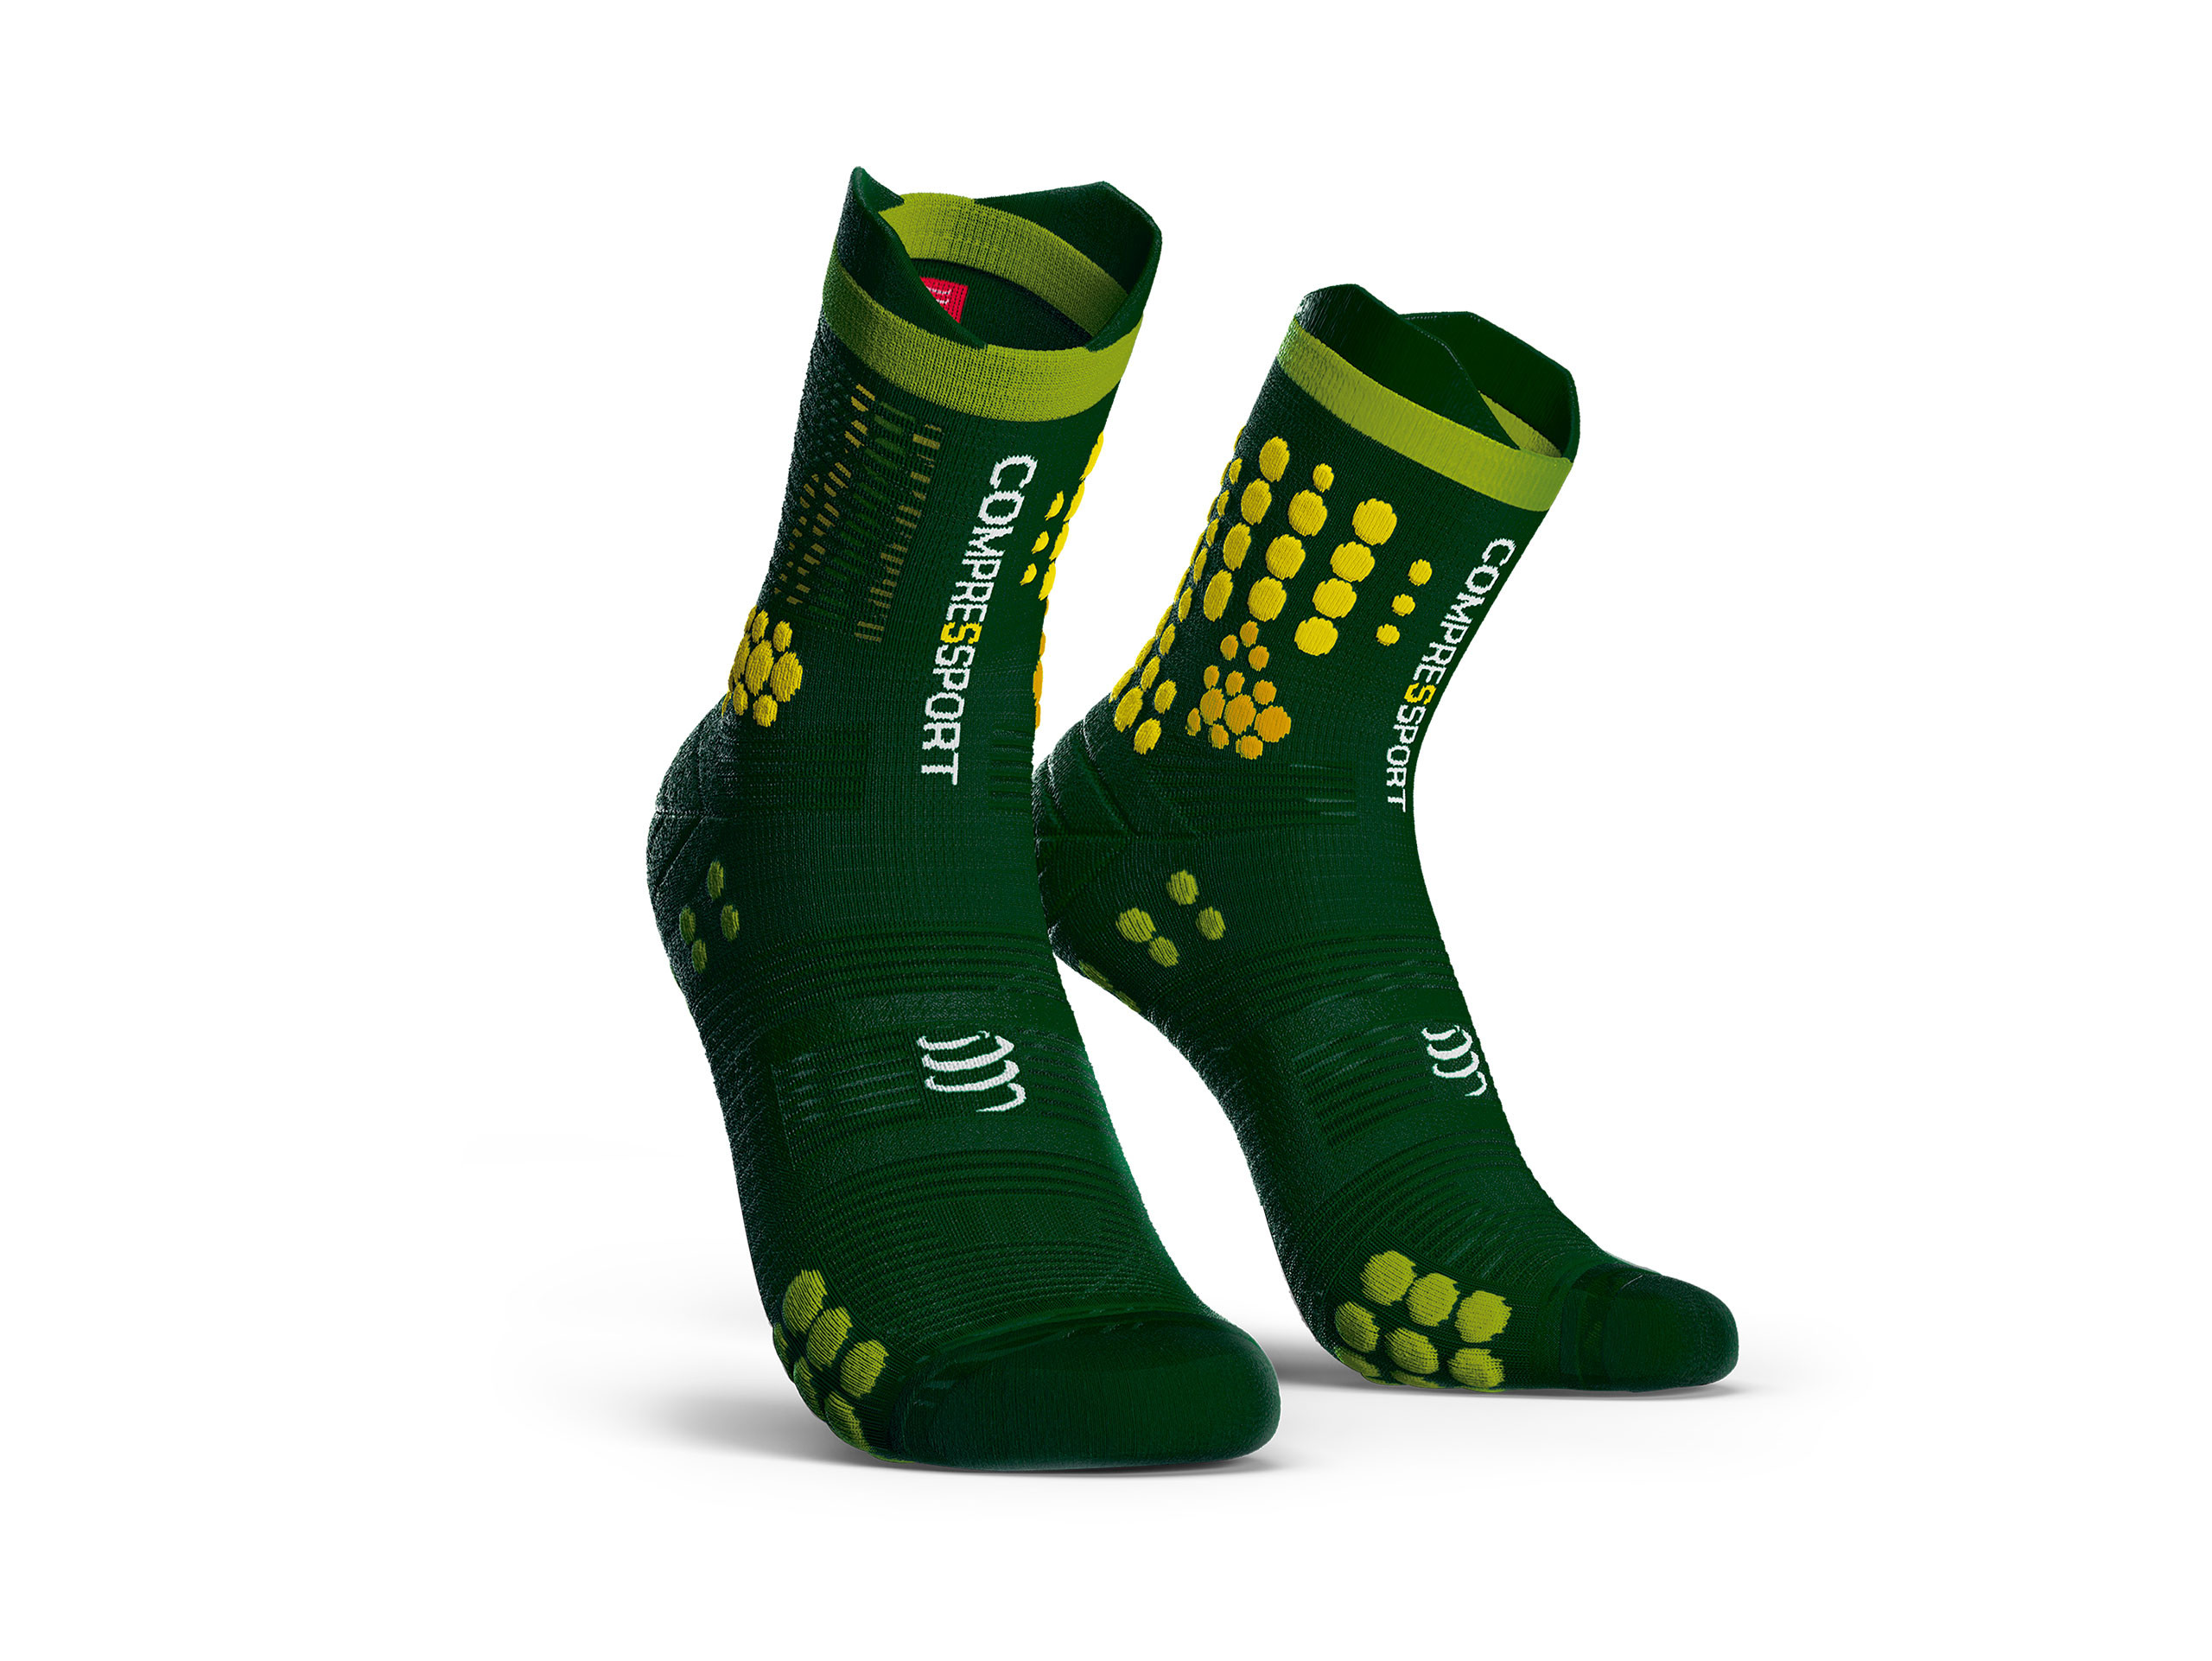 Calcetines deportivos pro v3.0 verde/amarillo